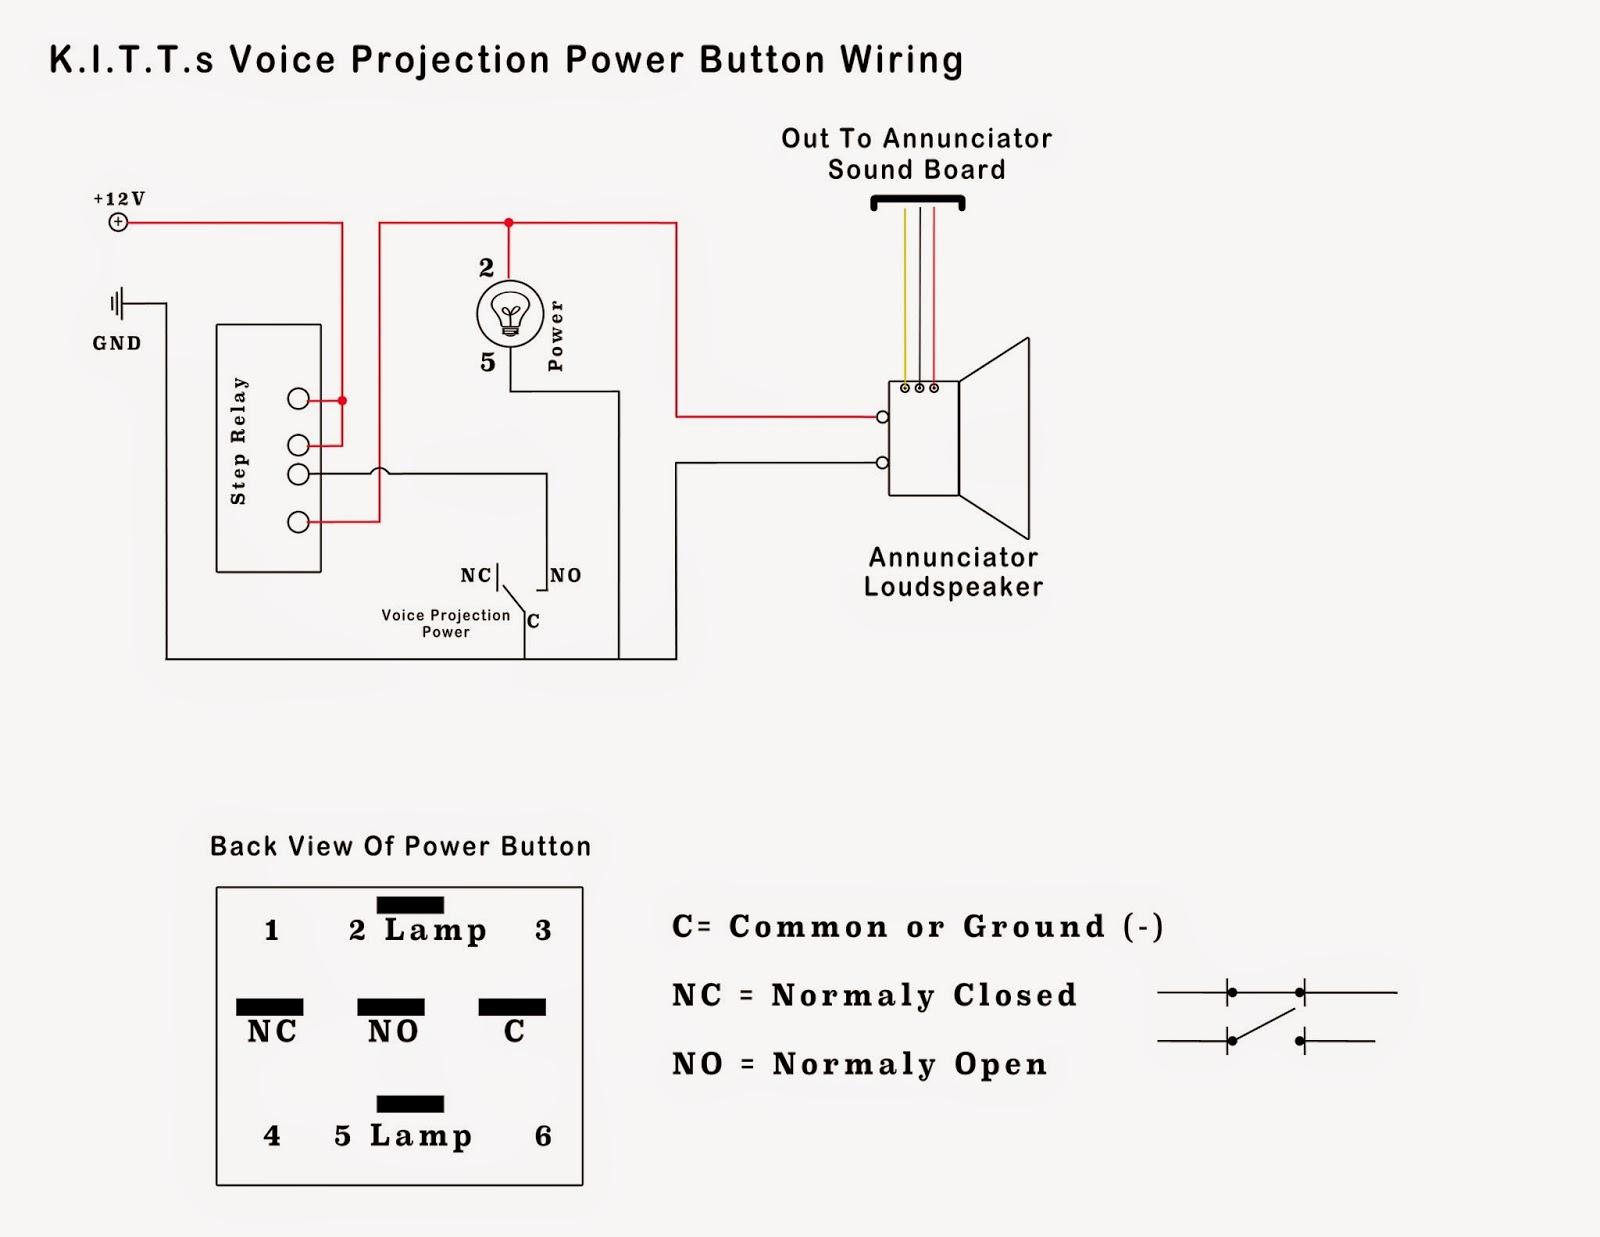 medium resolution of voice projection unit power button wiring scheme